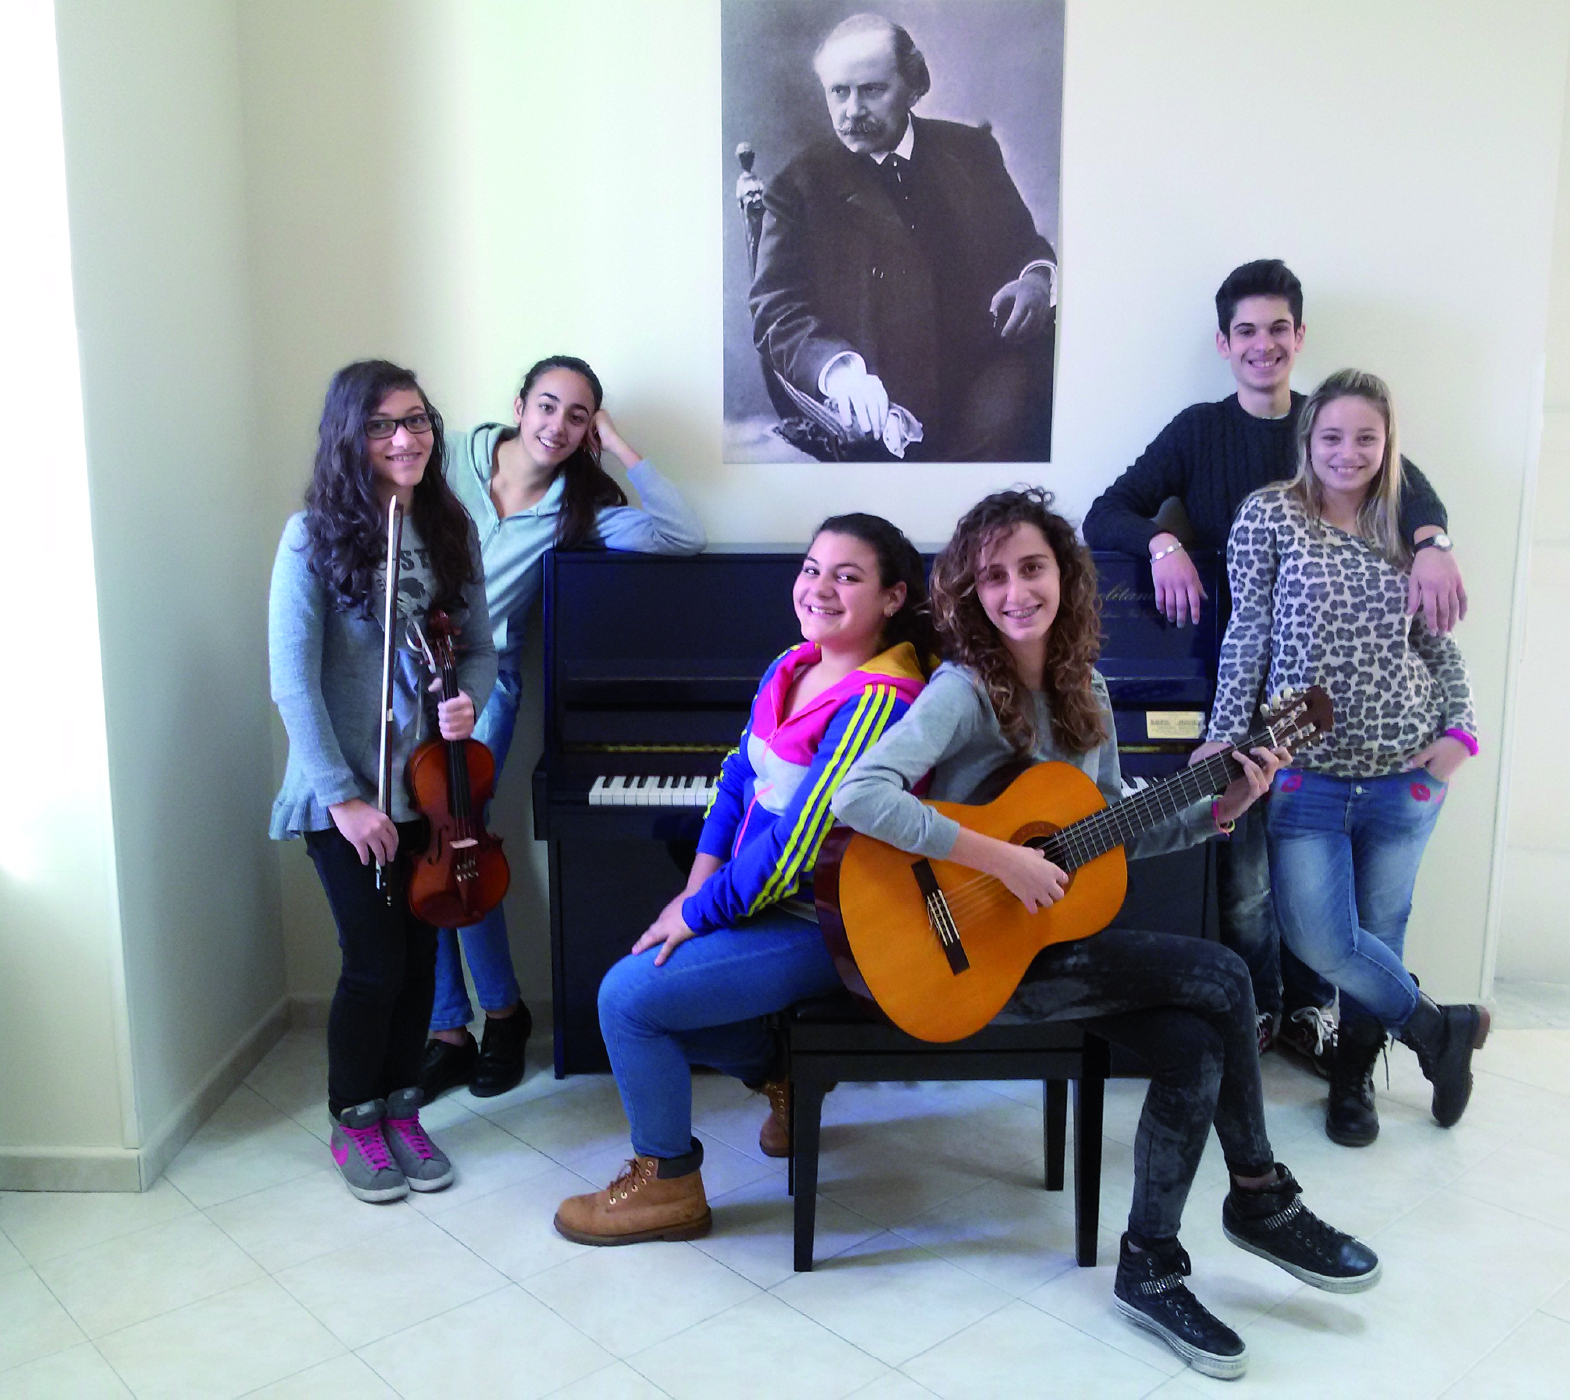 Liceo Musicale Di Martino Aladino Portici - Napoli  musicale santa liceo lecco liceo